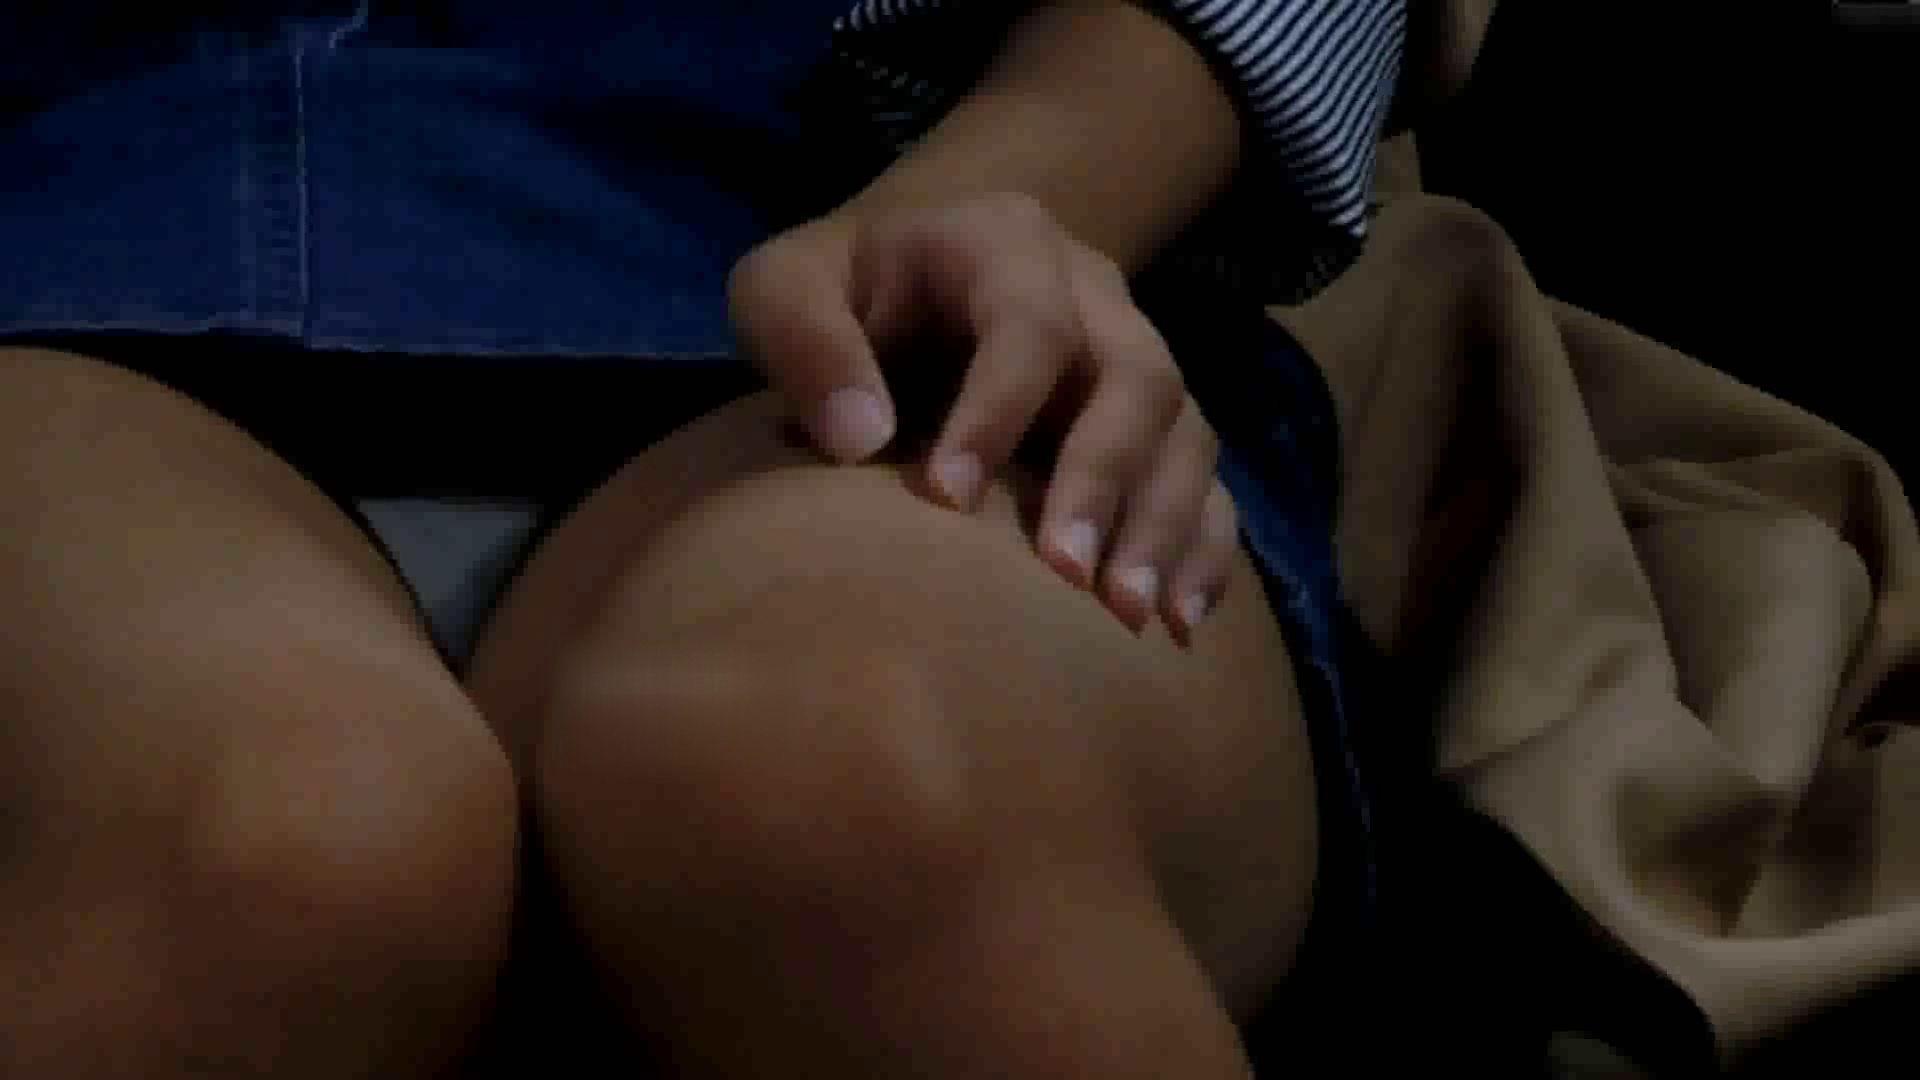 無修正エロ動画|真剣に買い物中のgal達を上から下から狙います。vol.12|大奥